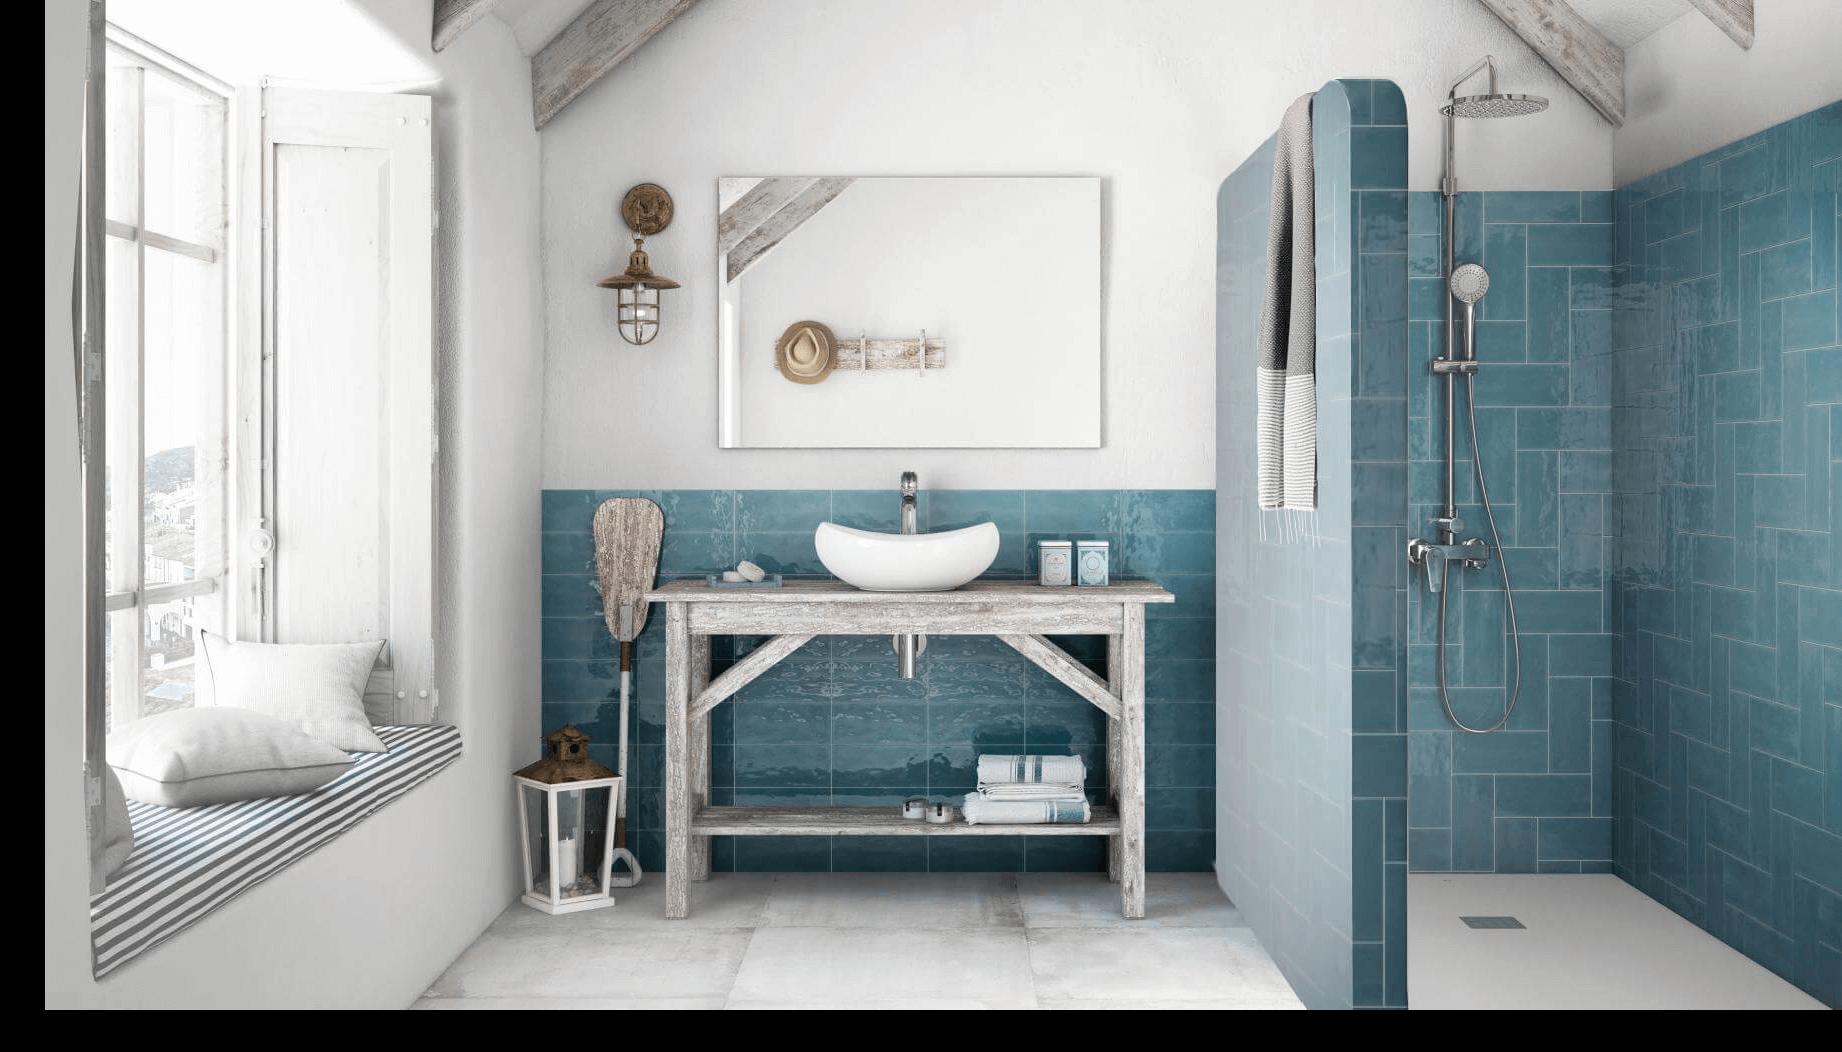 azulejos no duche